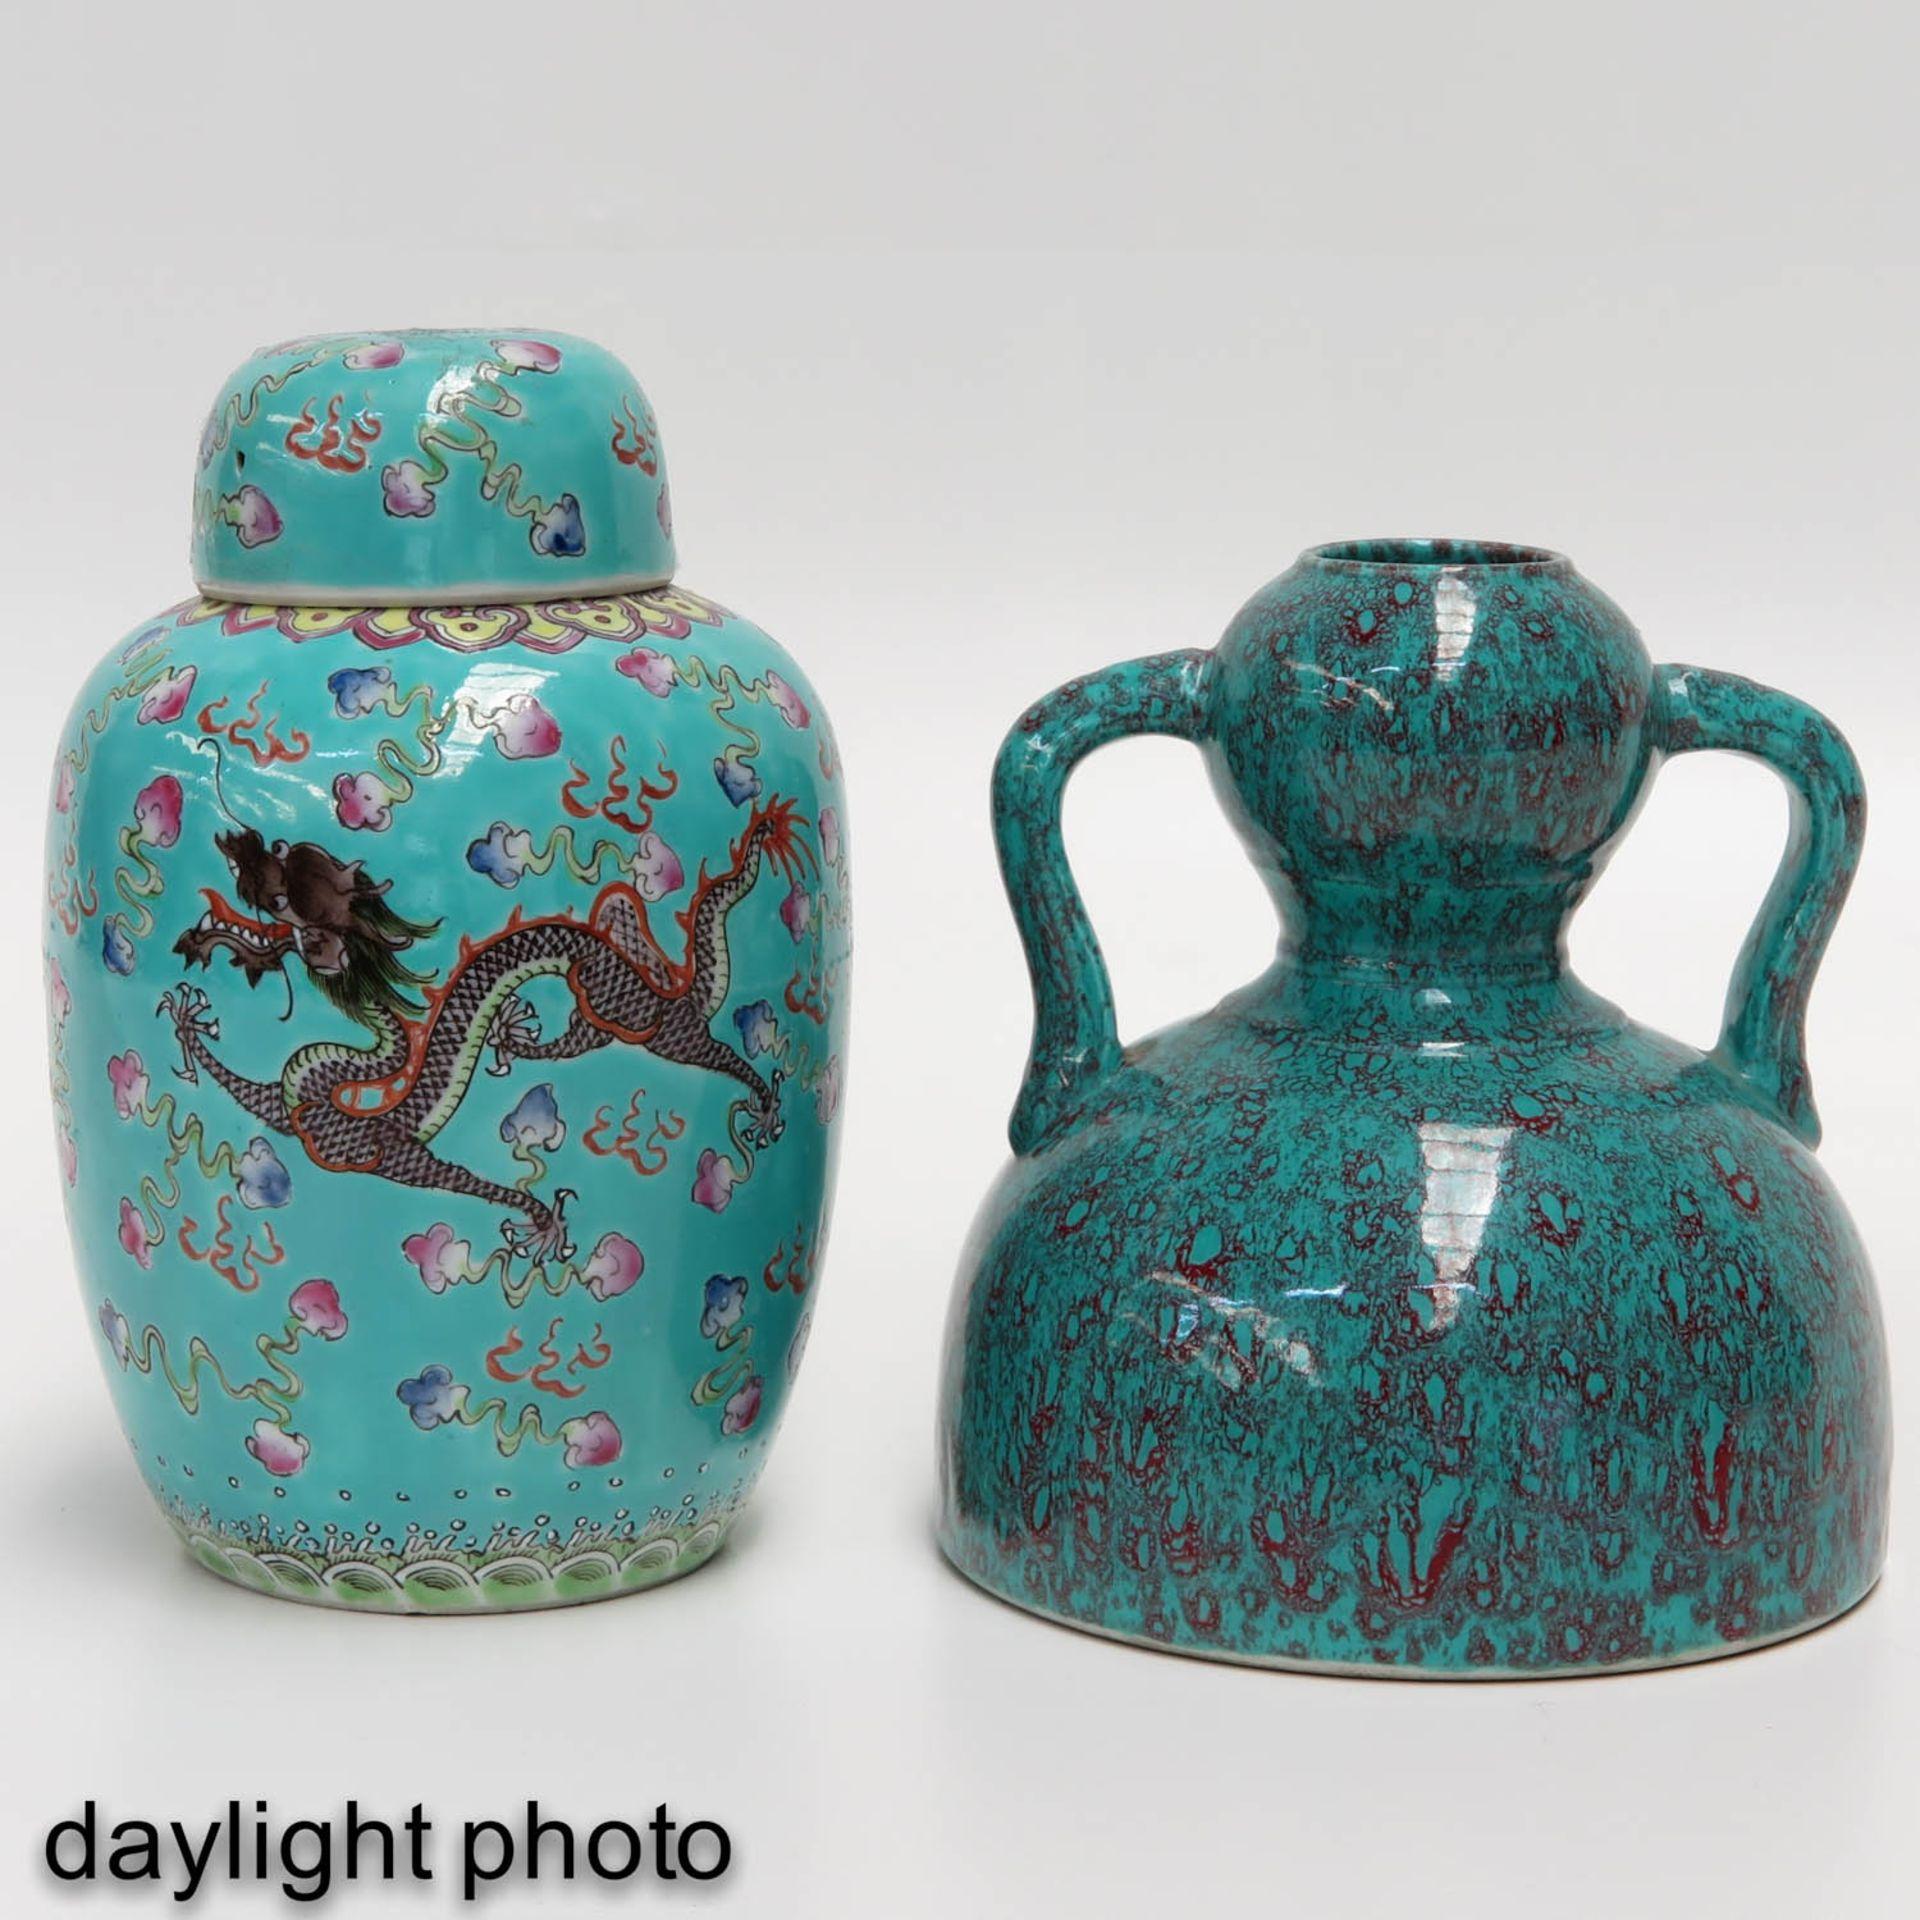 Los 7017 - A Robin's Egg Decor Vase and Ginger Jar